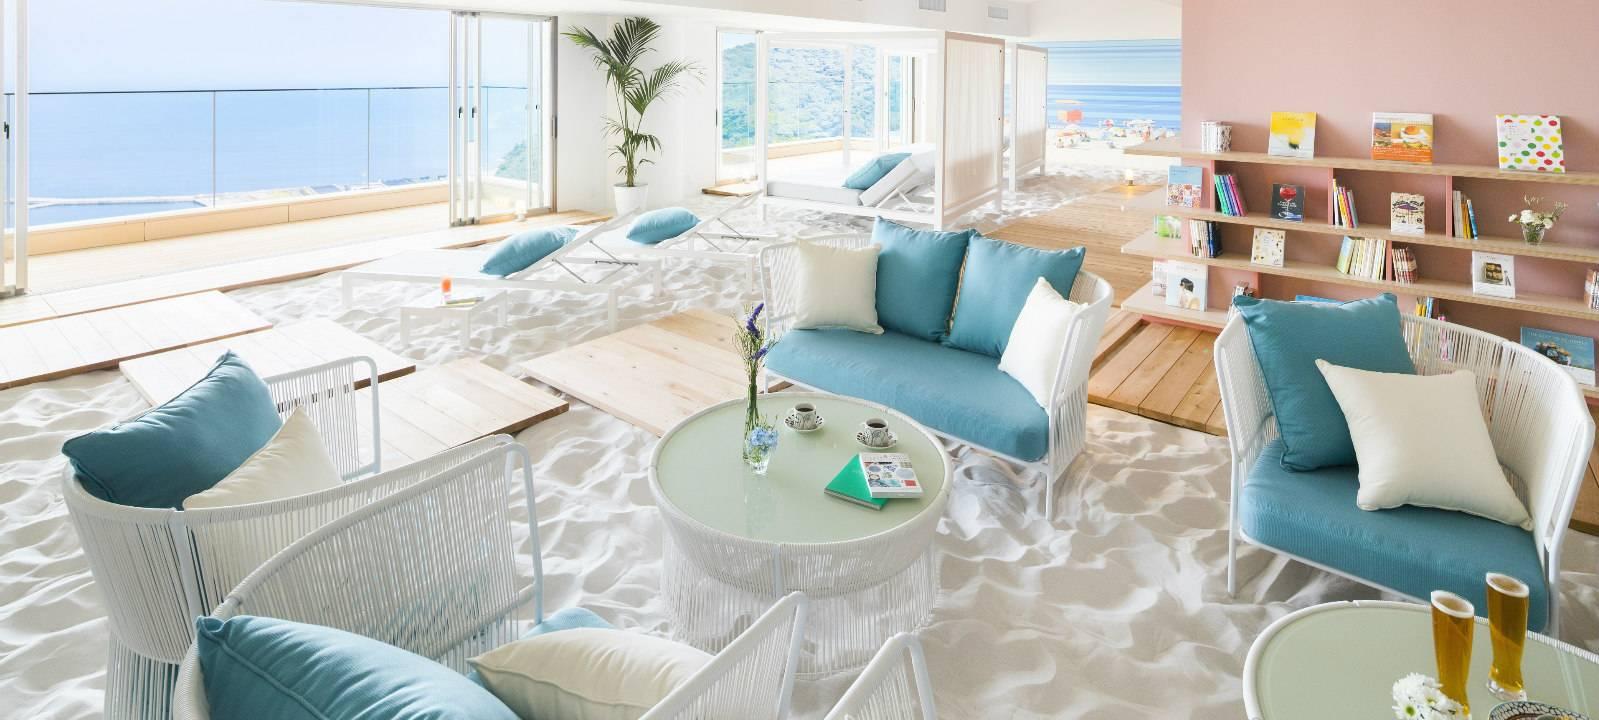 热海,界,RISONARE海洋主题,亲子乐园